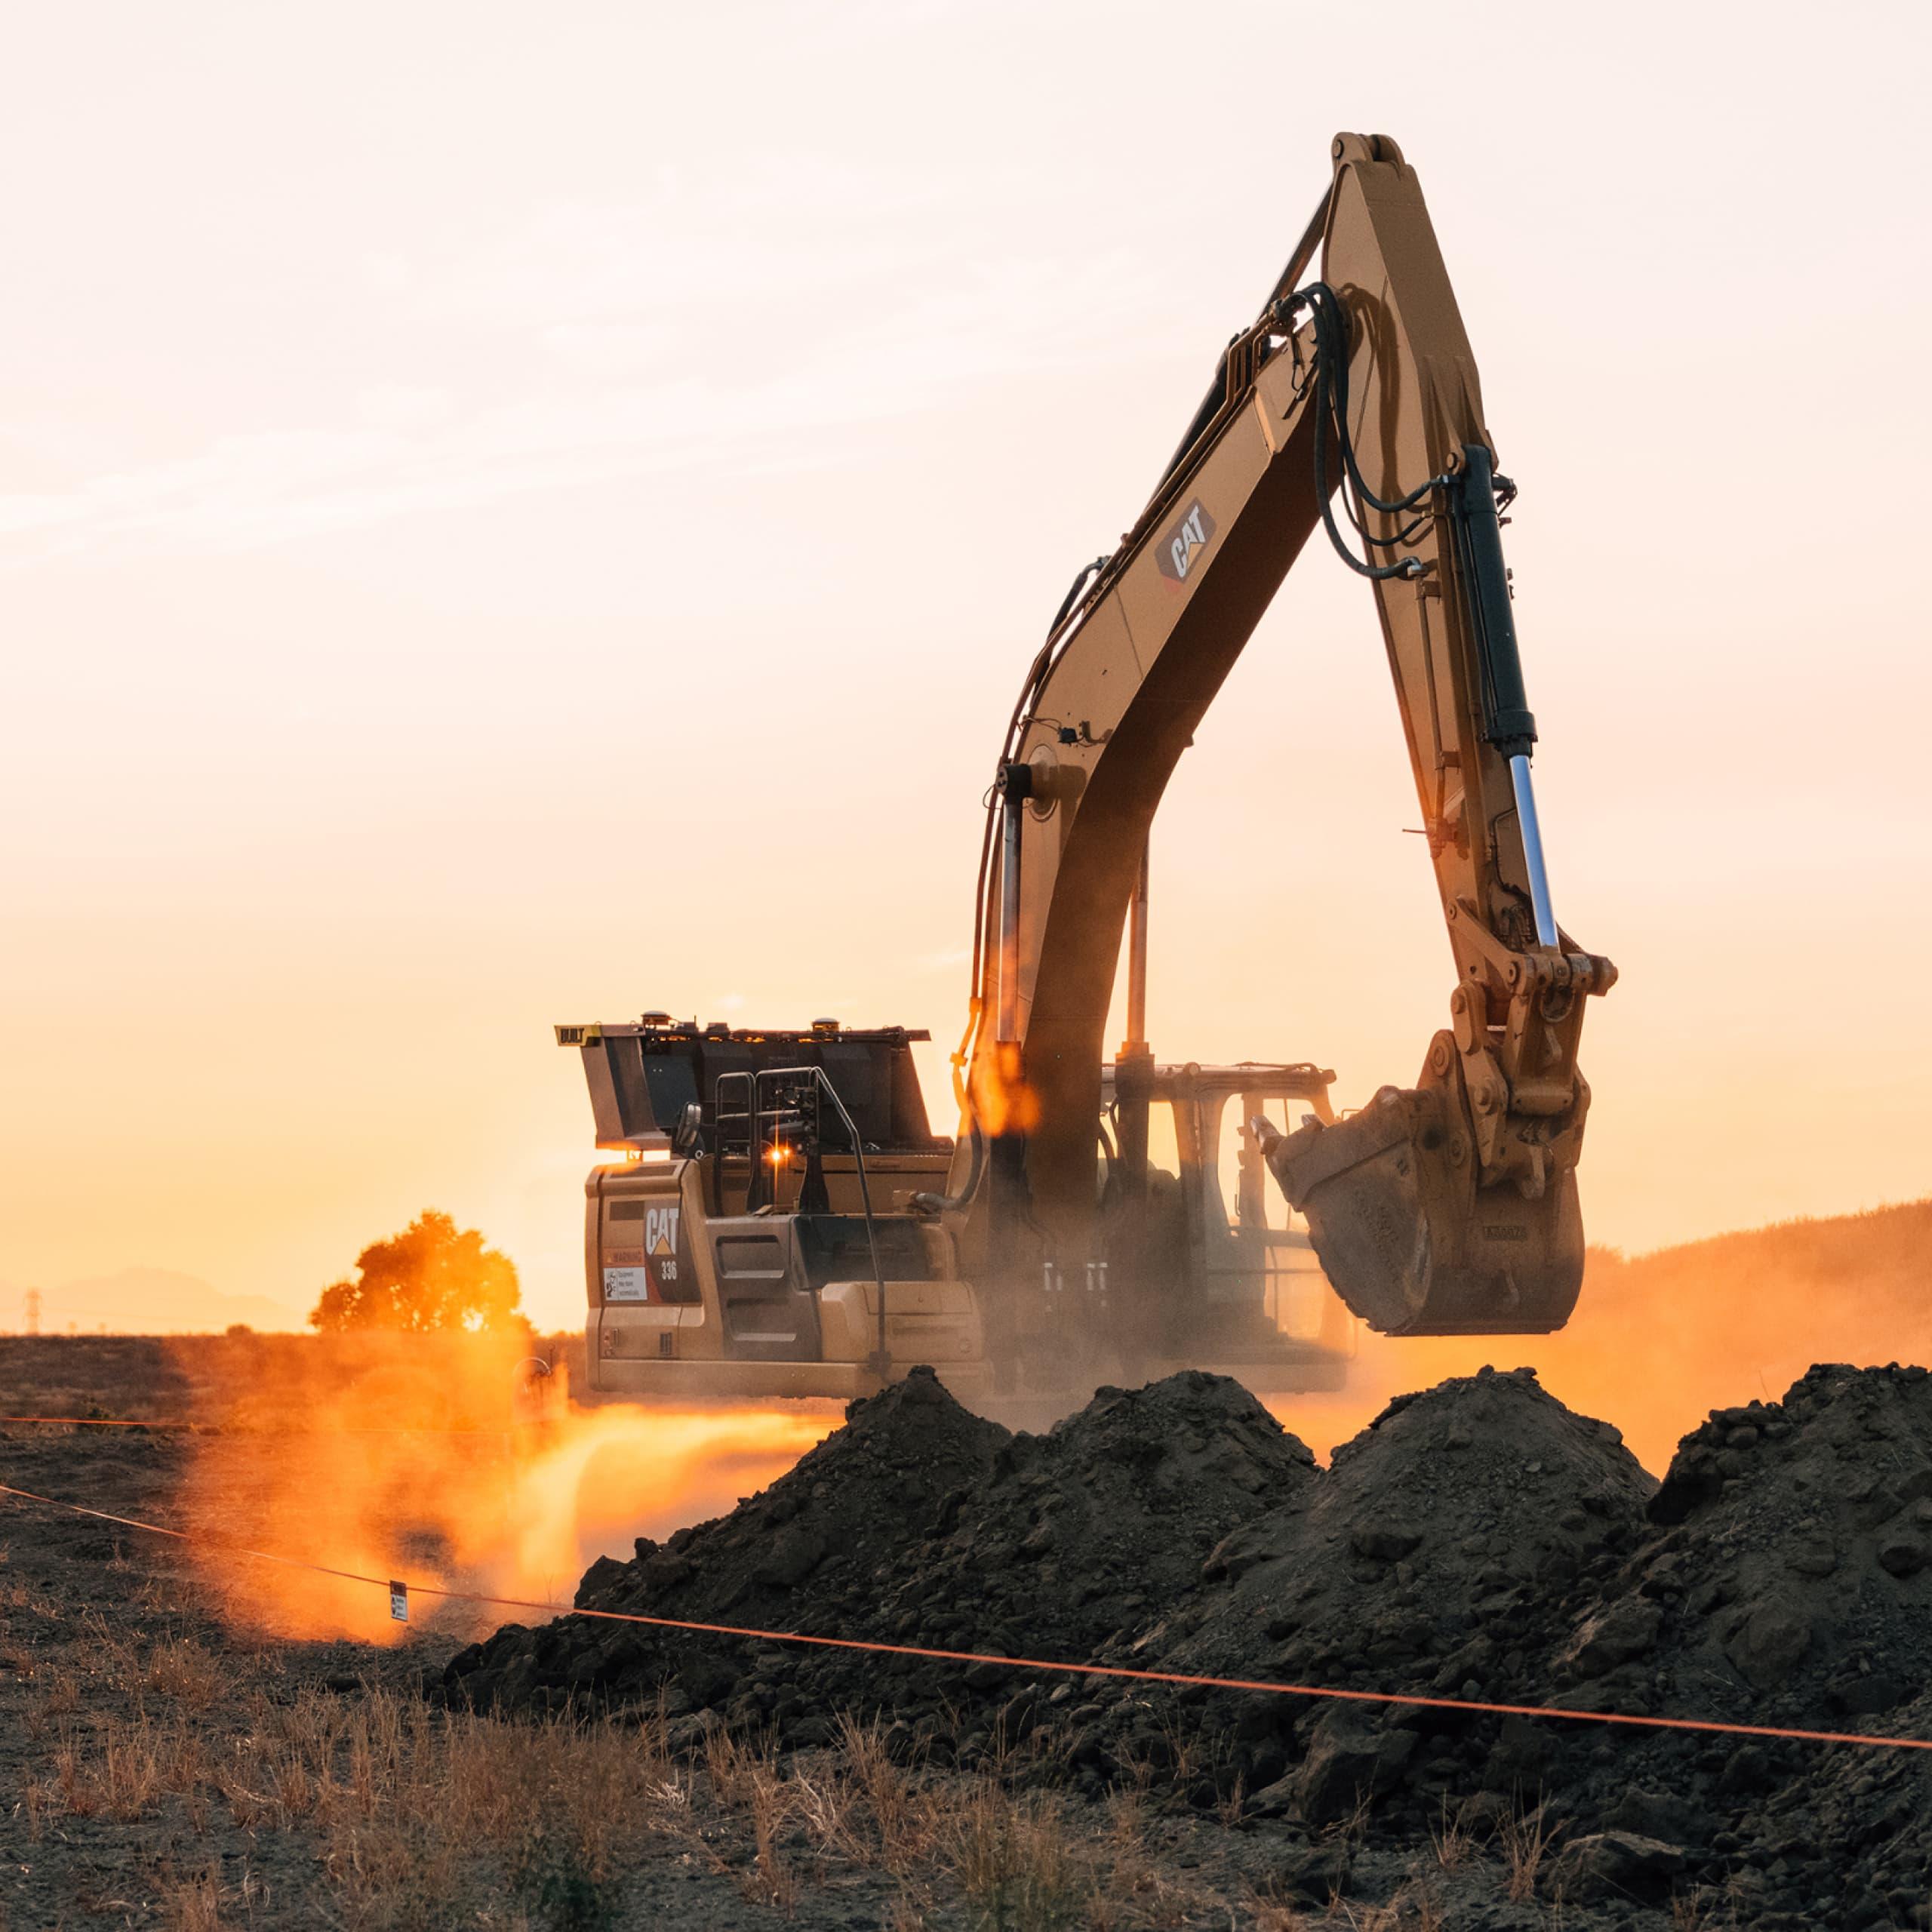 Excavator digging dust sunset